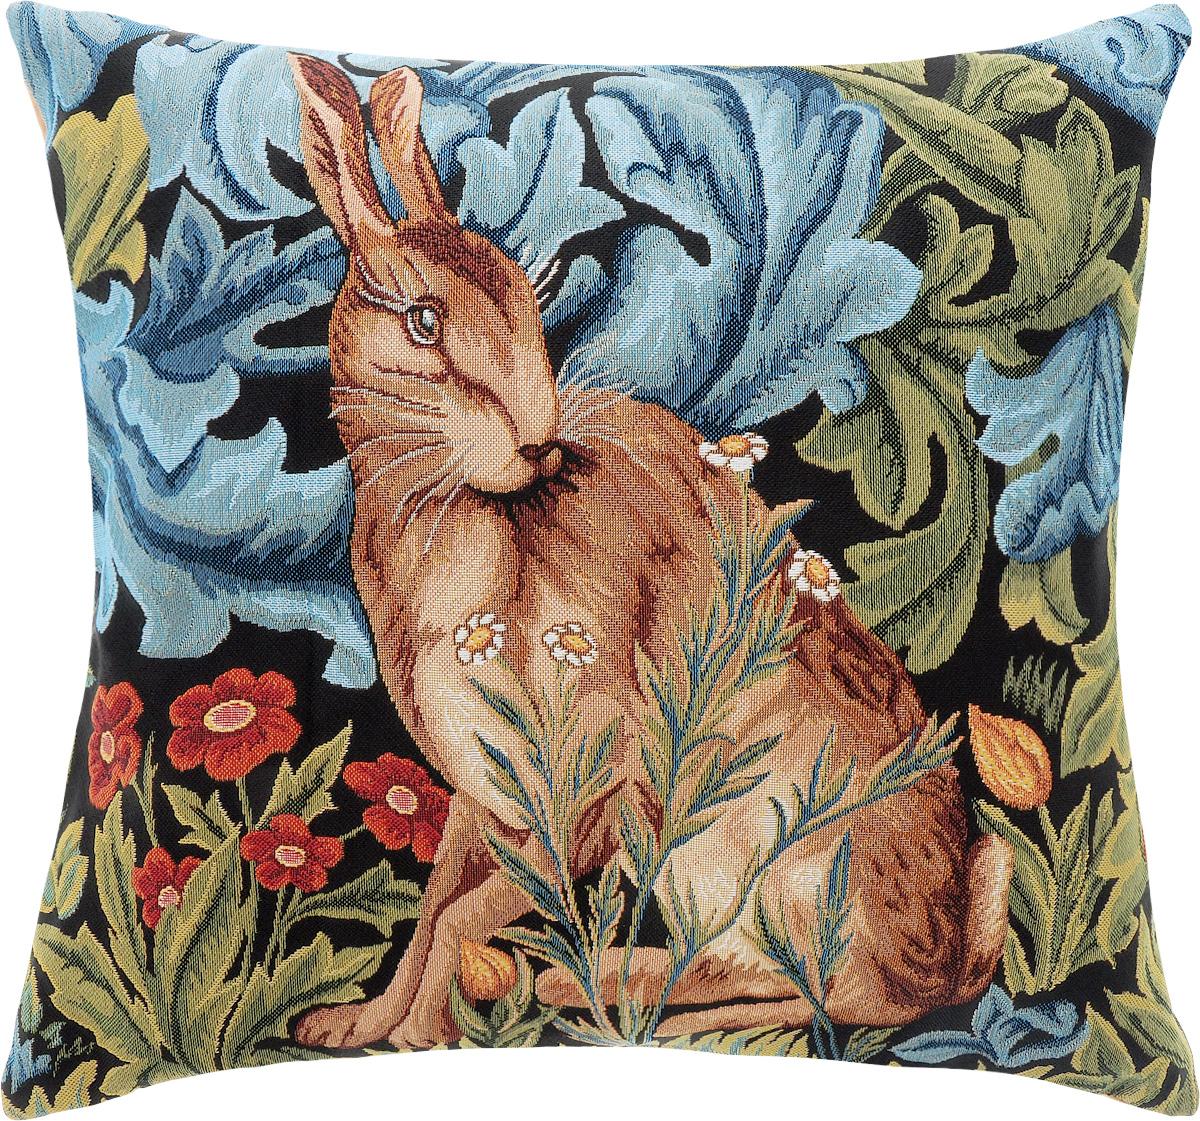 Подушка декоративная Рапира Заяц. Уильям Моррис, 50 х 45 см декоративная подушка шкура медведя искусственный мех 50 50